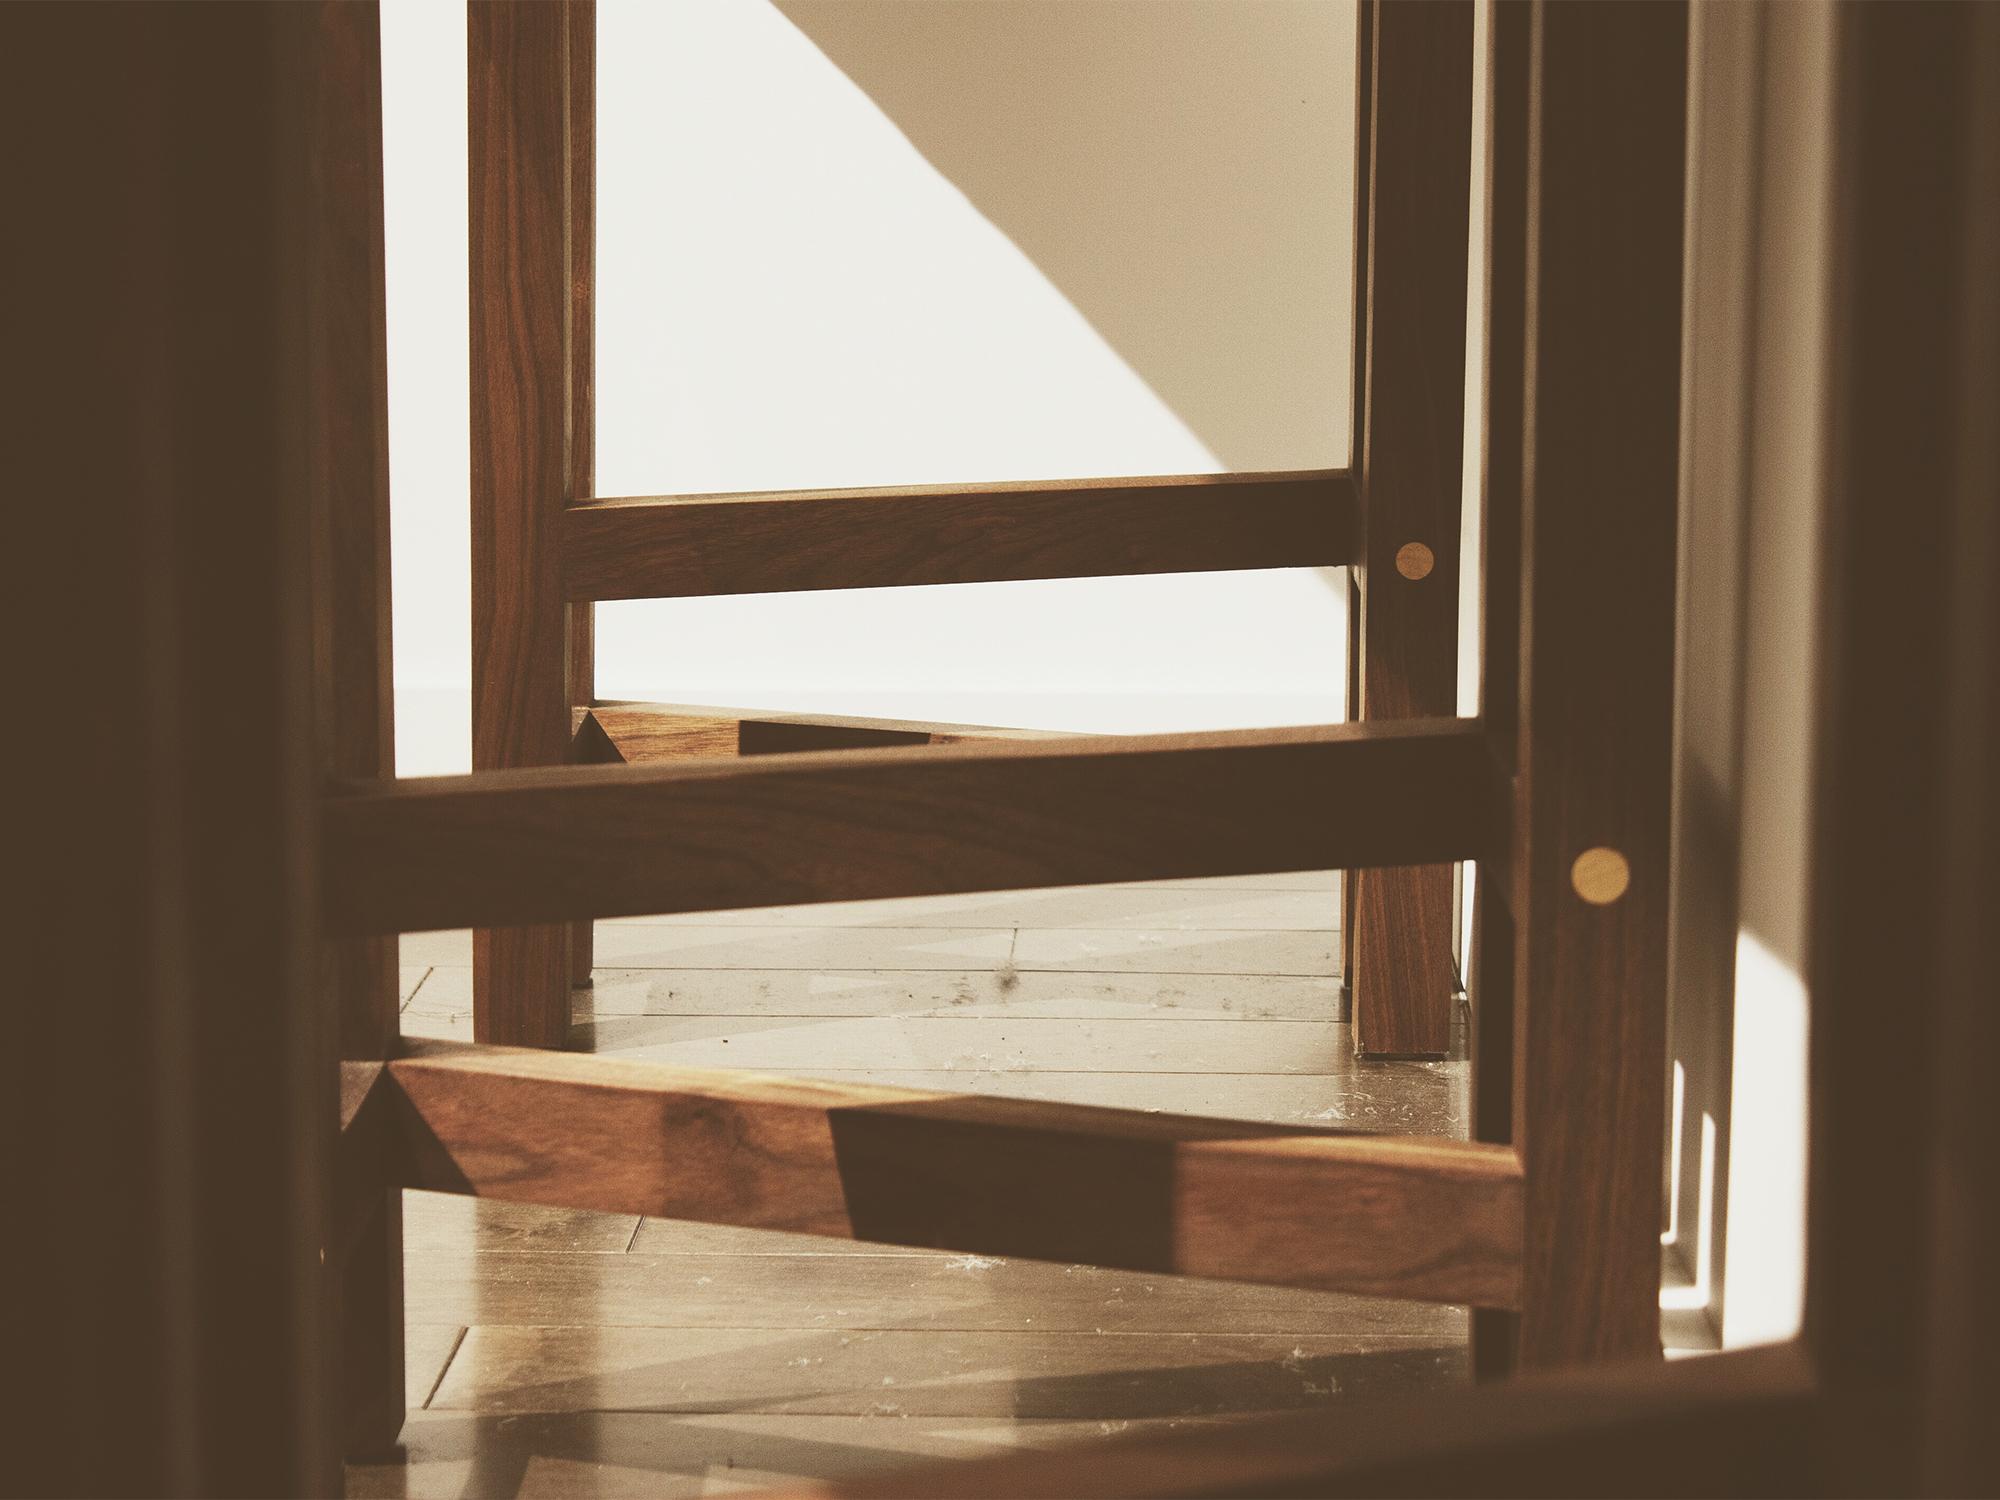 Studio Cidra: Walnut Table Legs